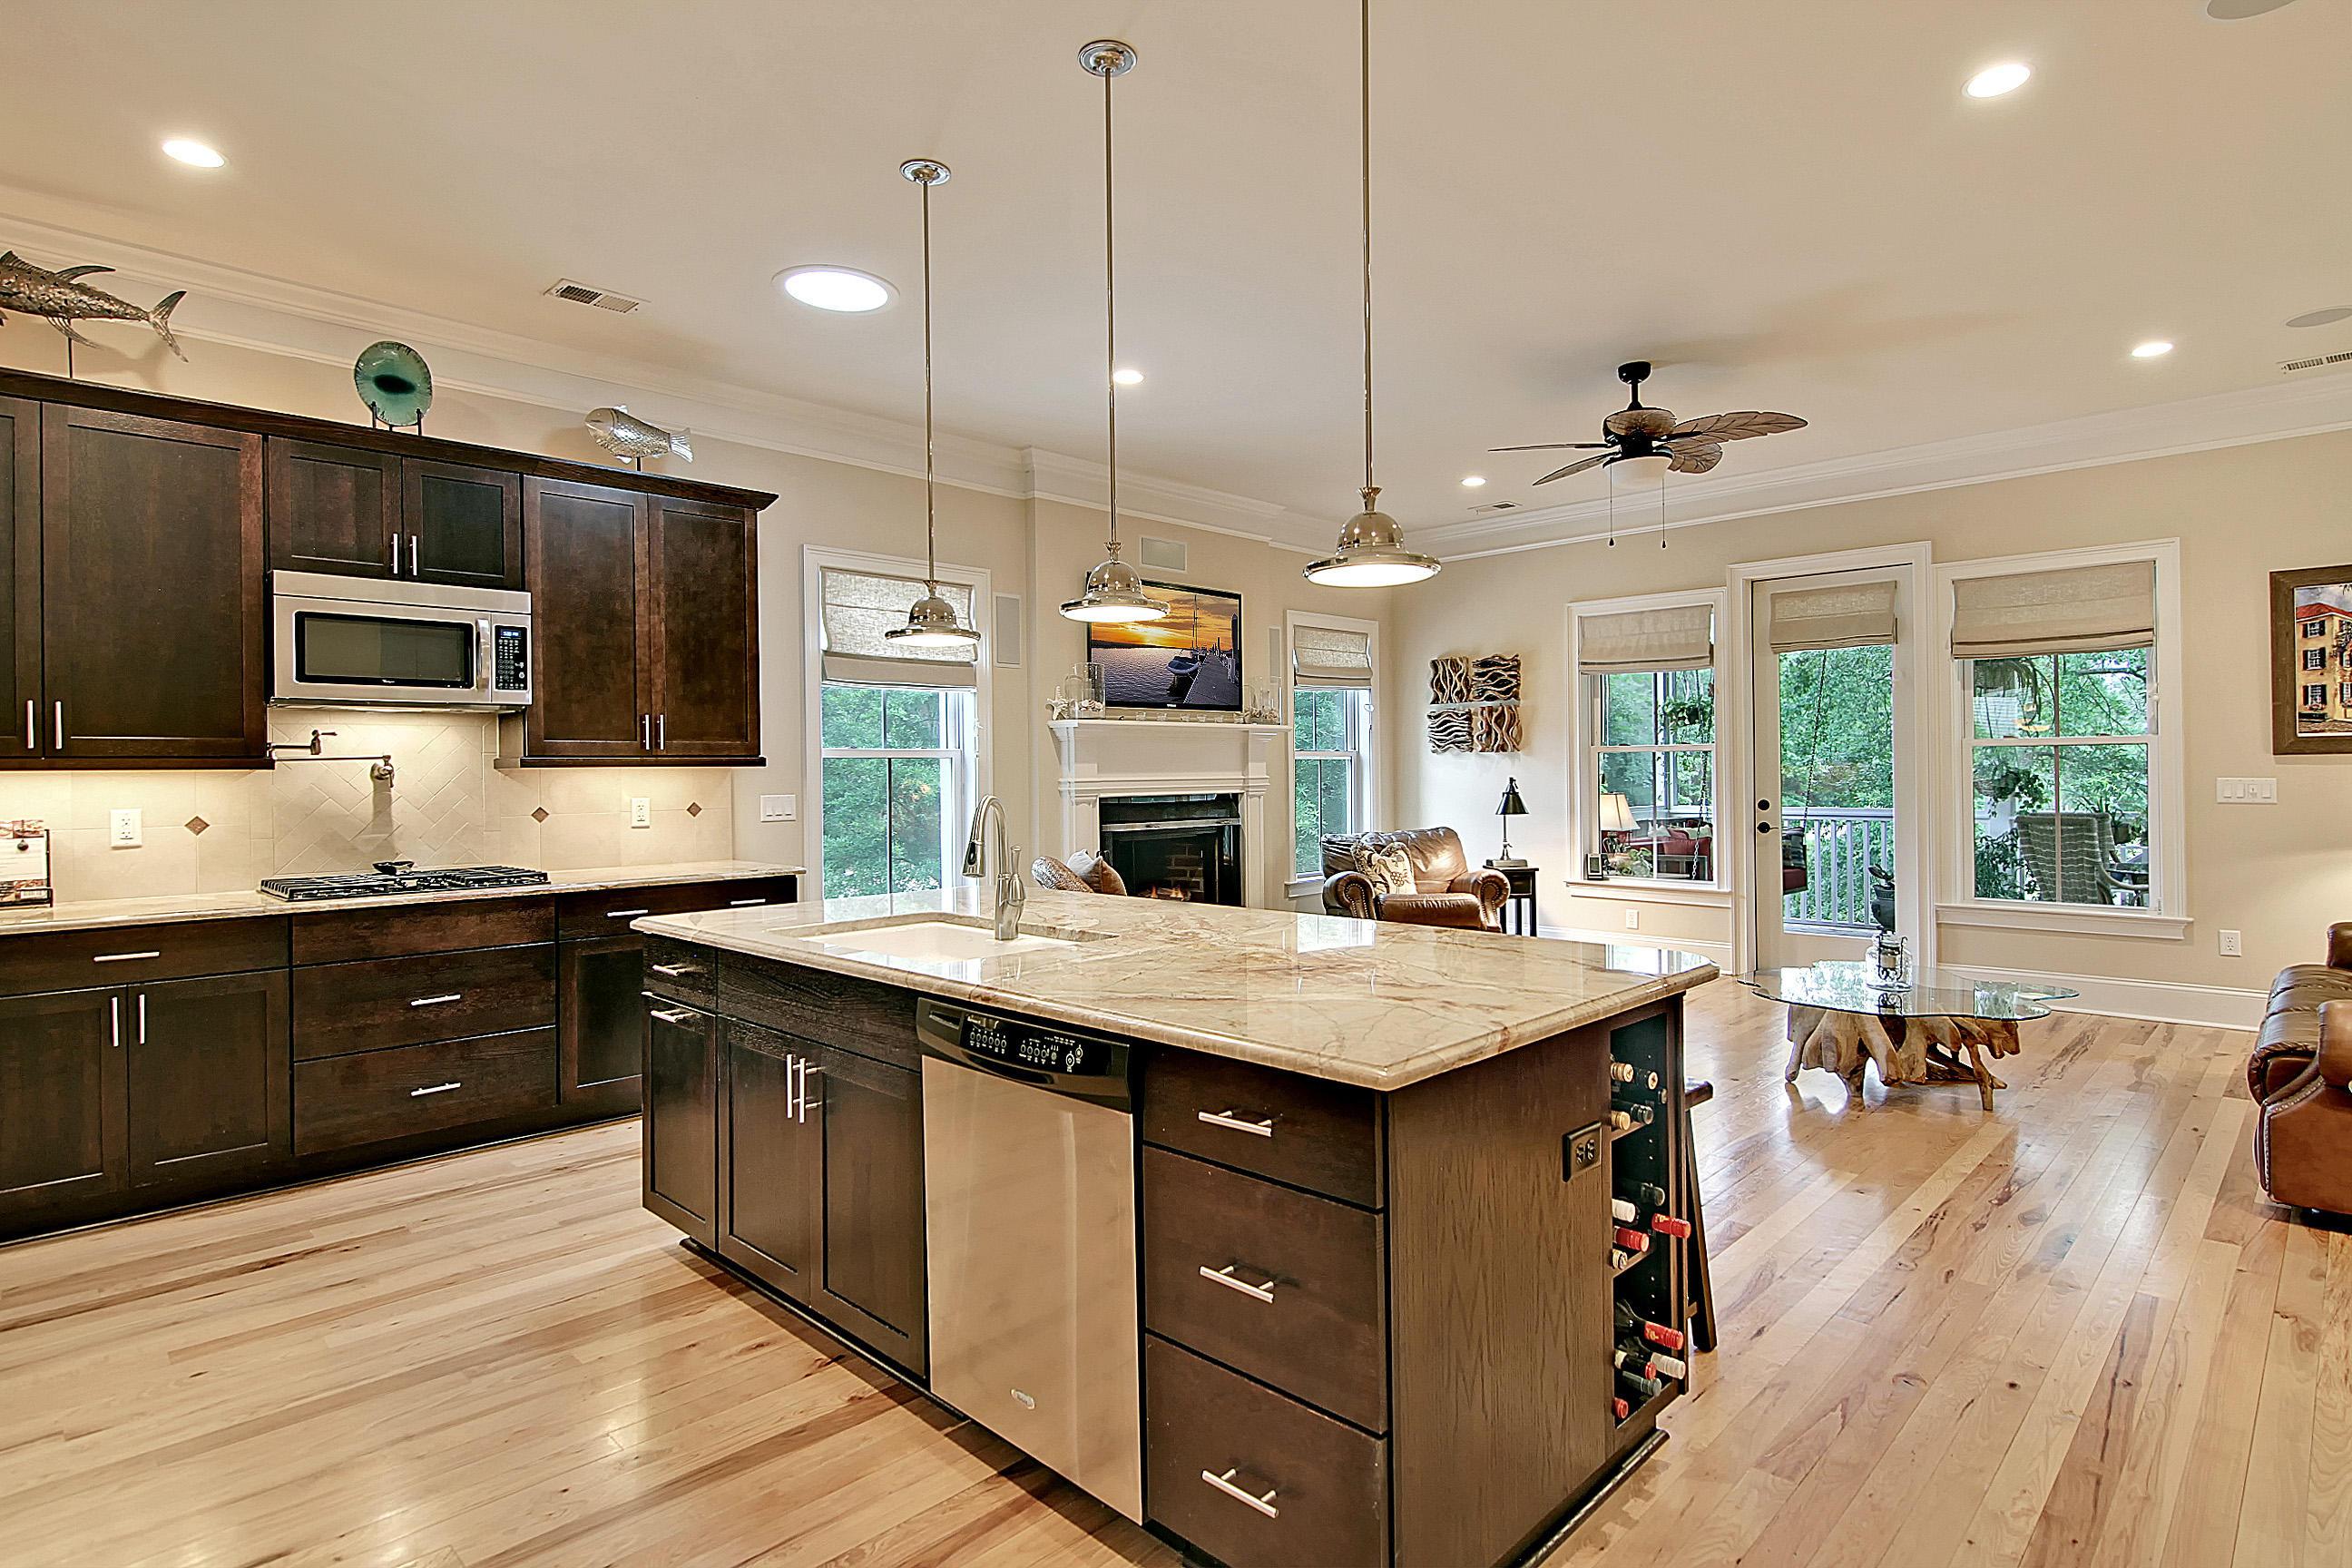 Park West Homes For Sale - 1596 Capel, Mount Pleasant, SC - 31